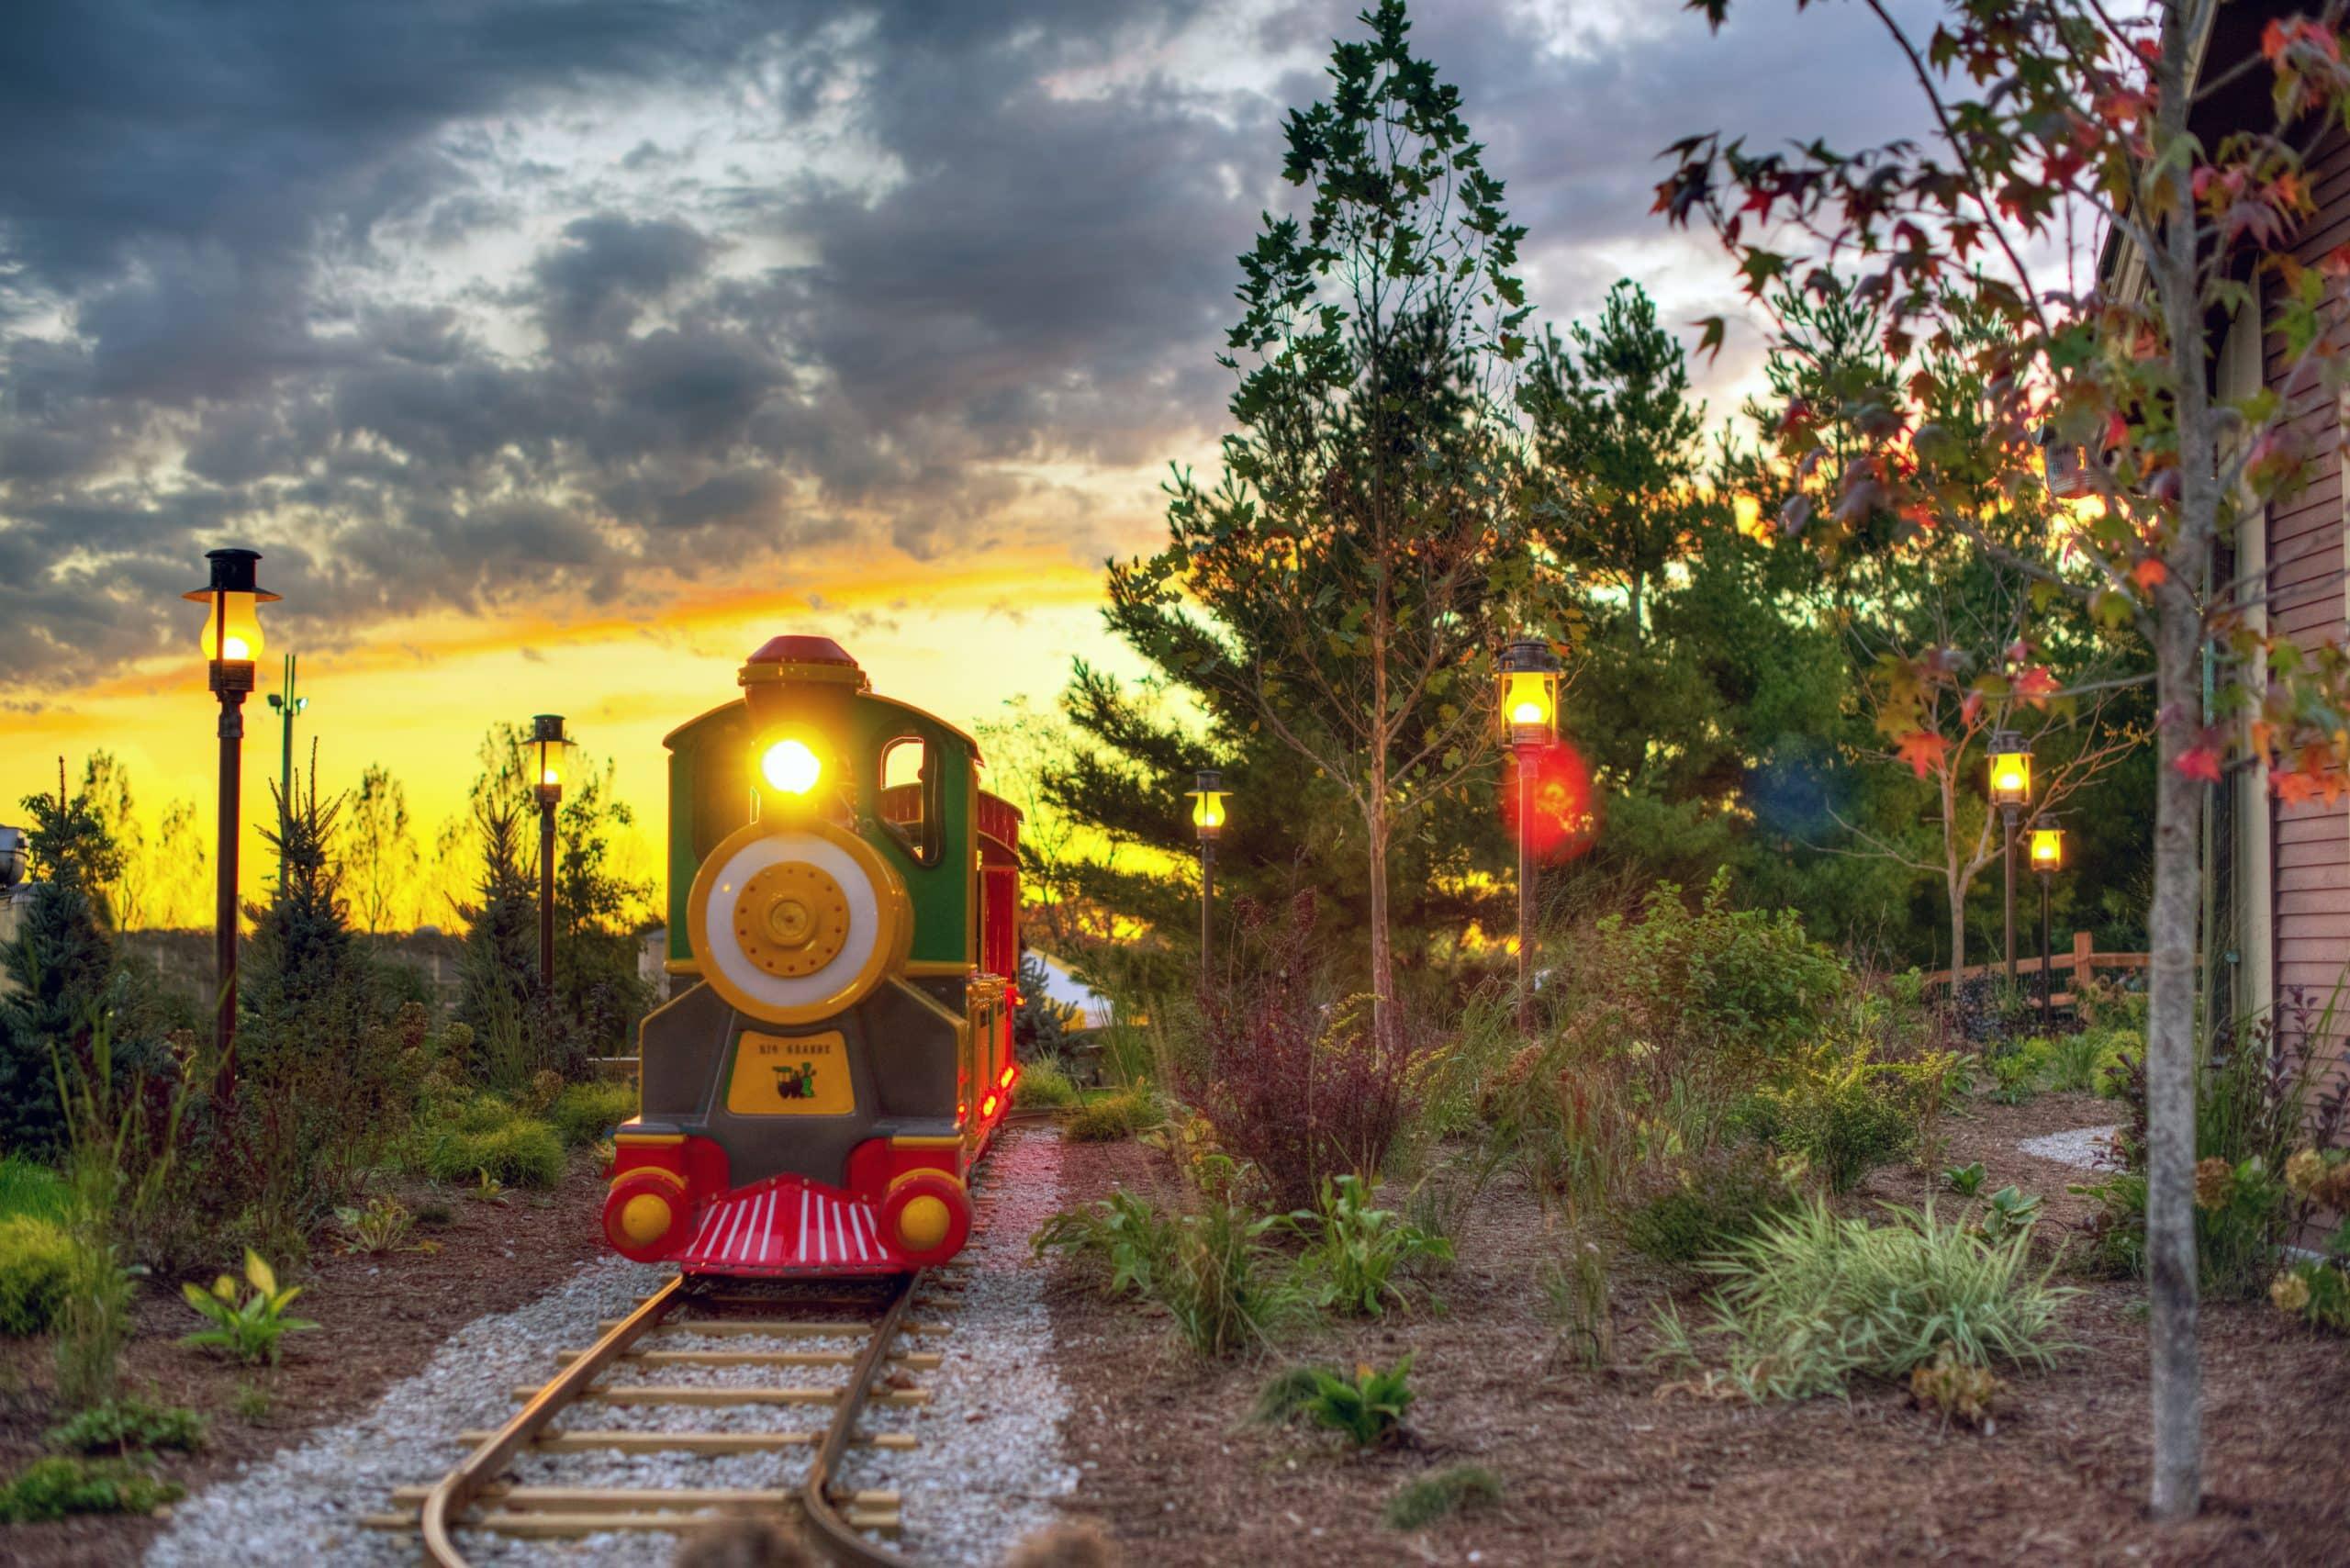 Best Kiddie Train in Illinois